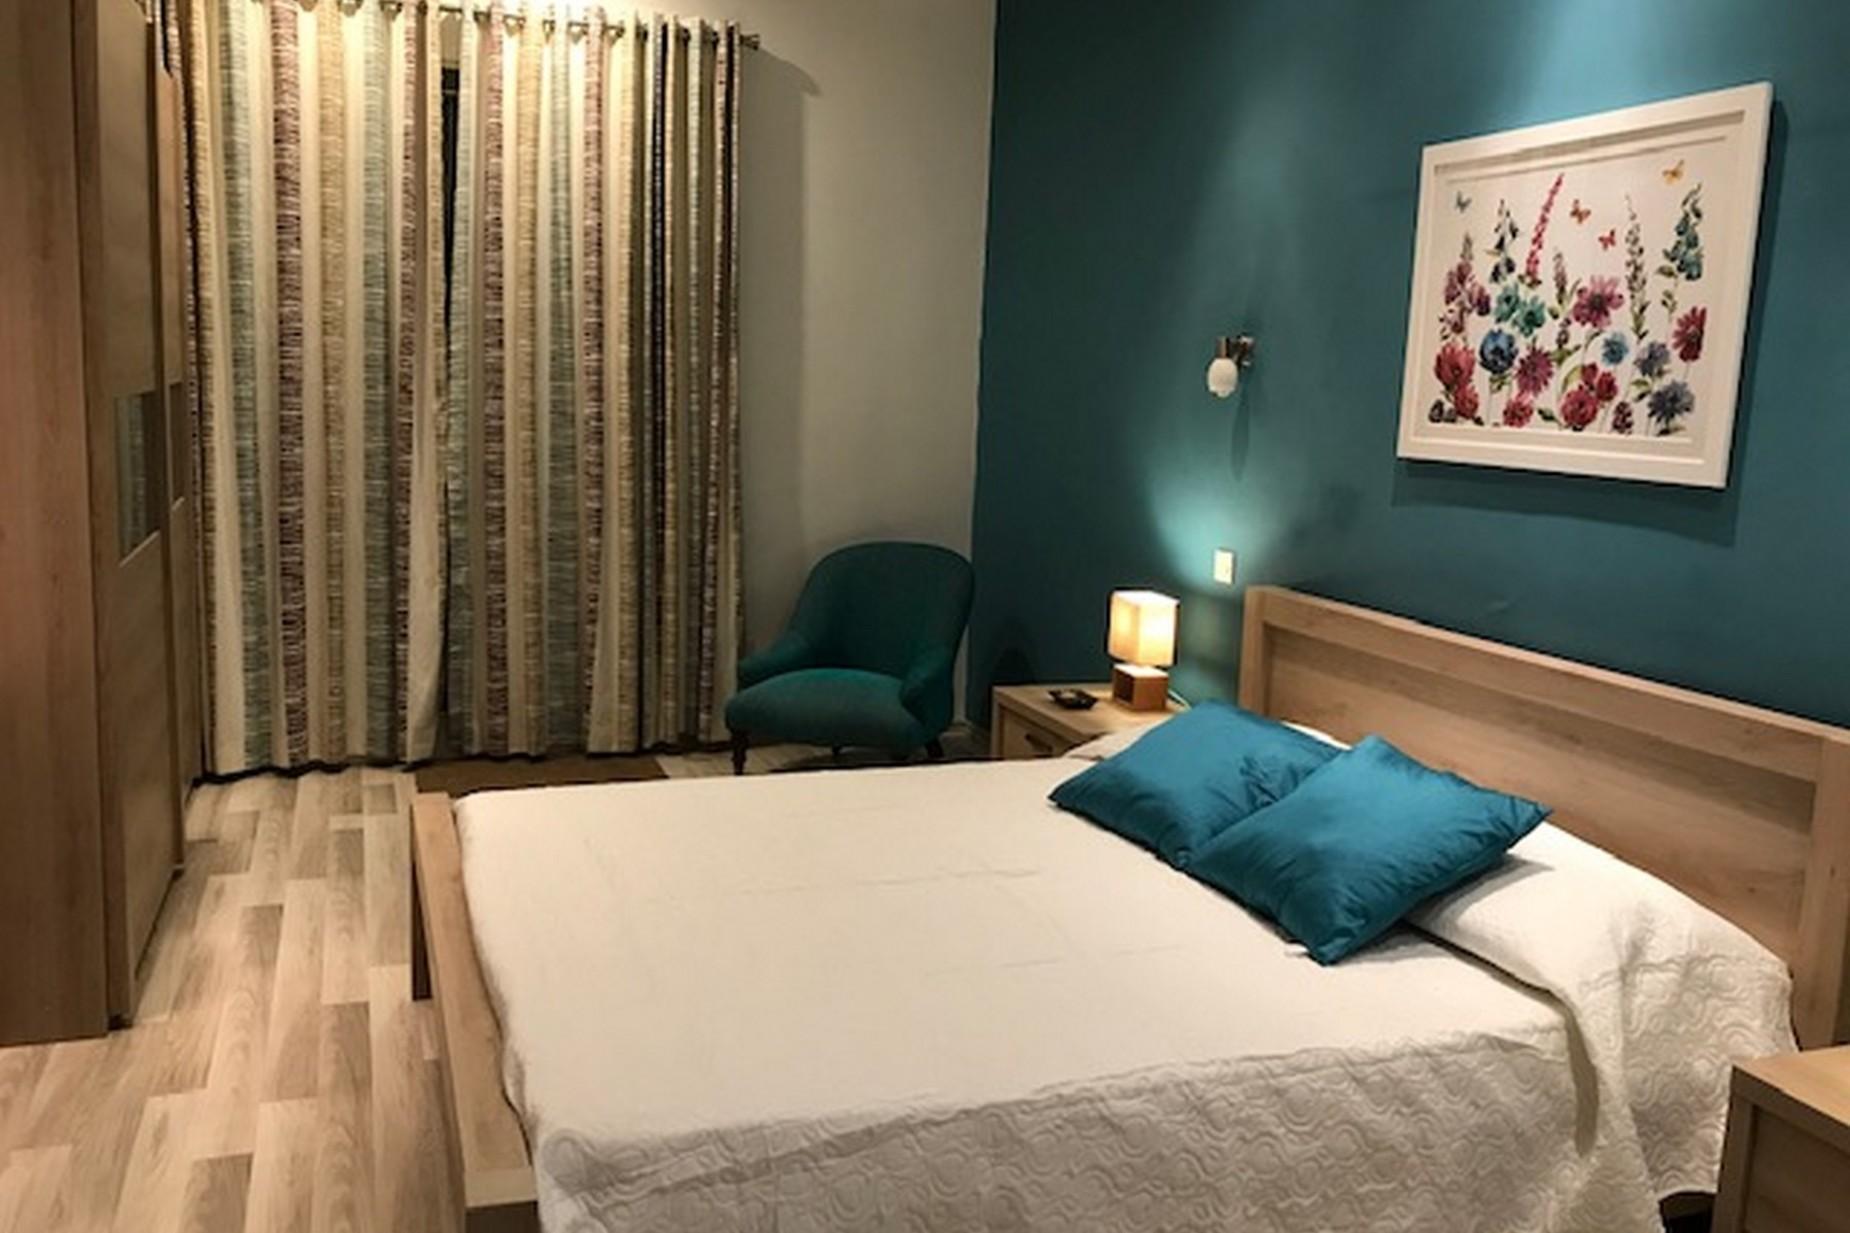 3 bed Apartment For Rent in Ta' Xbiex, Ta' Xbiex - thumb 11